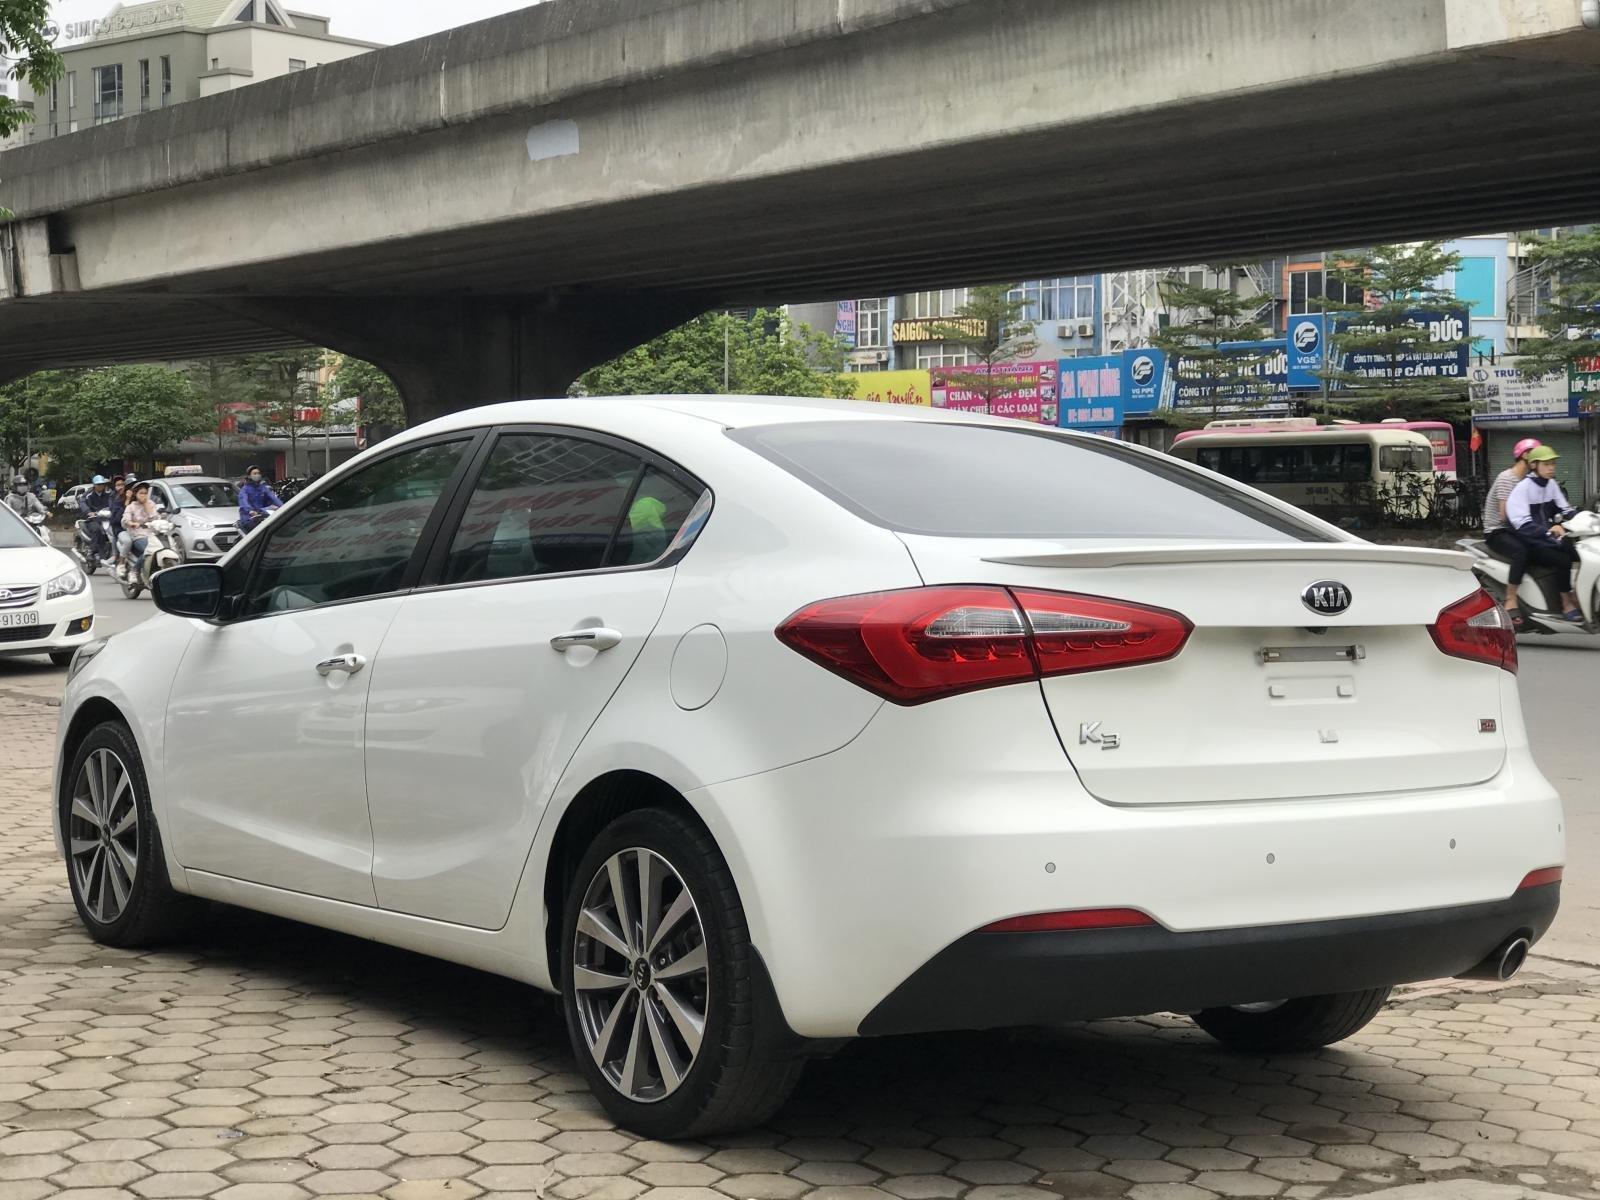 Bán xe Kia K3 2.0 đời 2015, màu trắng, giá 545tr-3